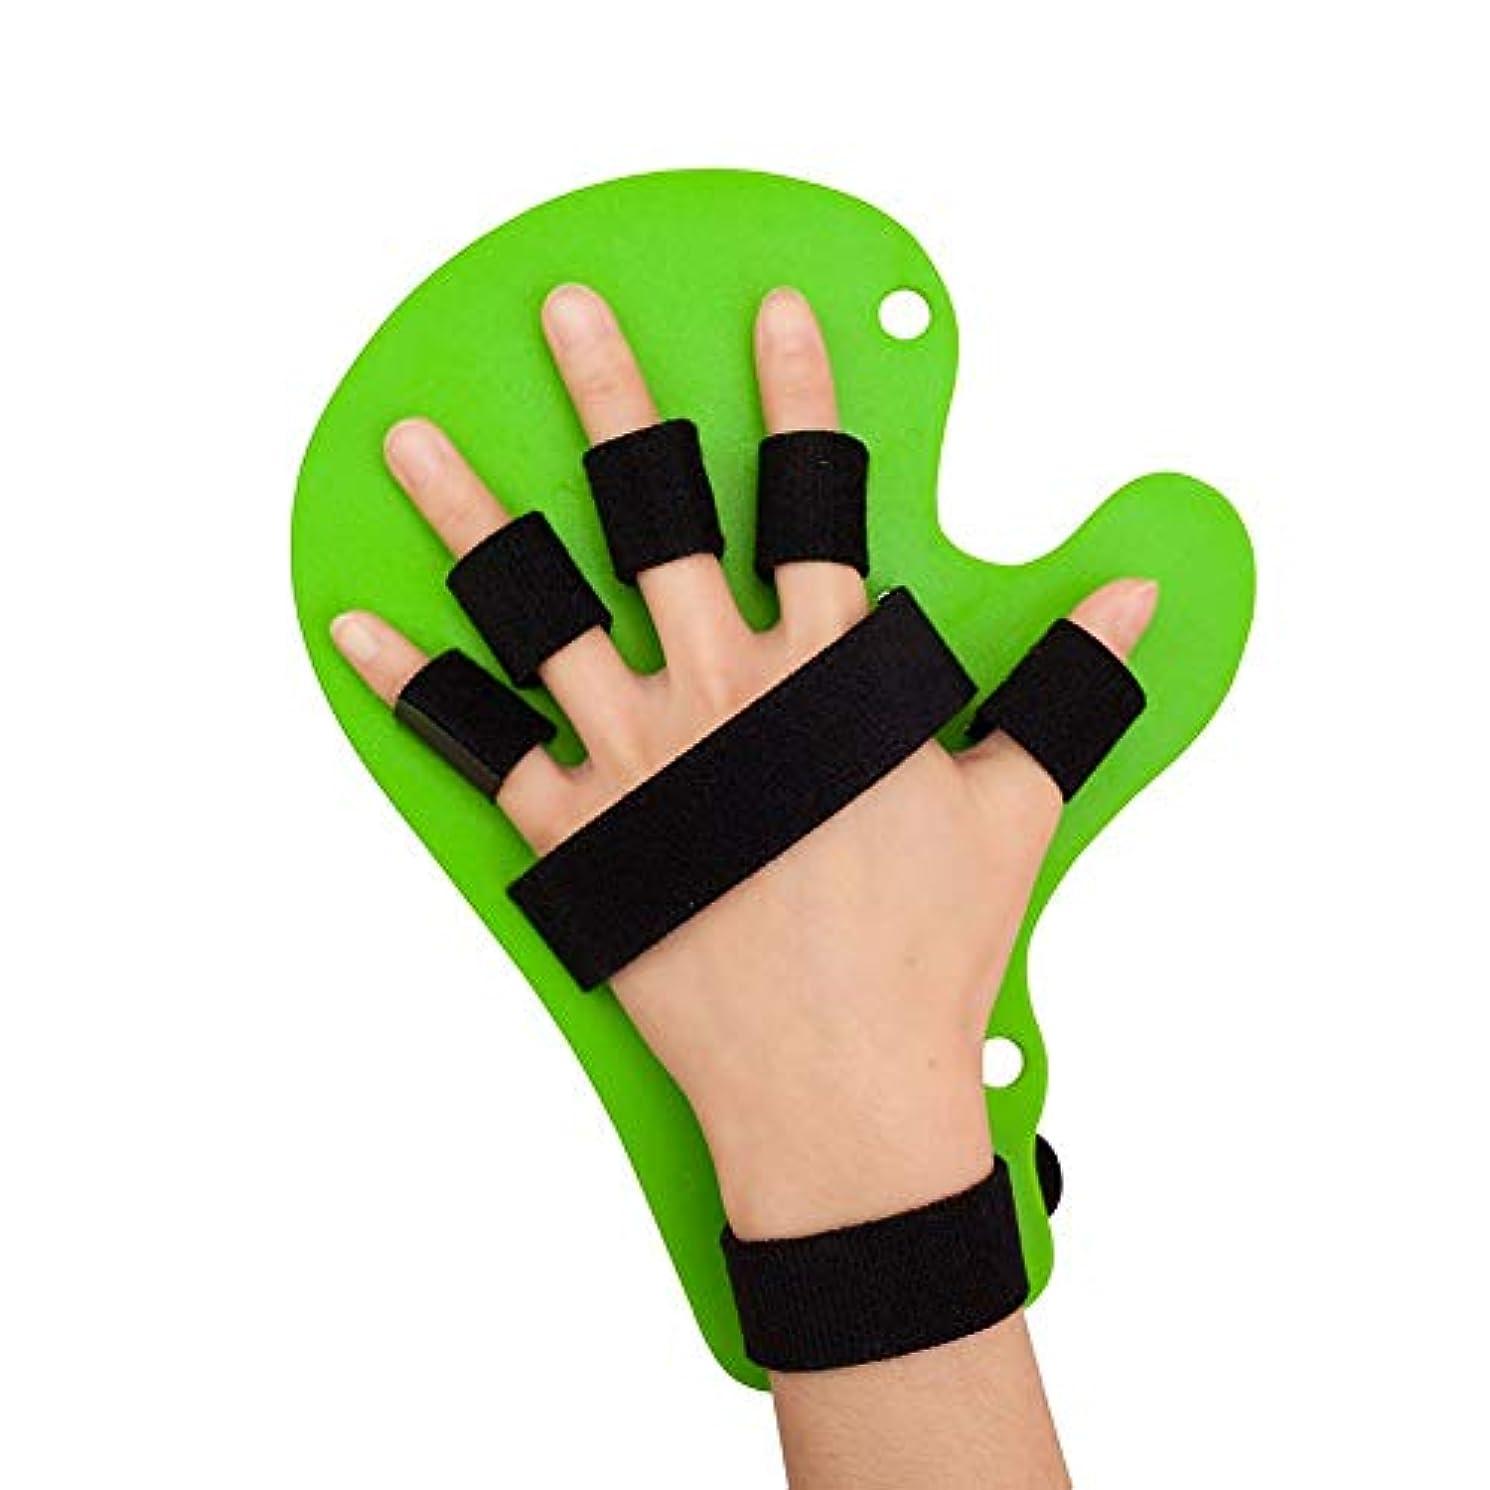 ベジタリアンサンプルセンチメンタルスプリント指指セパレーター、指スプリント指、指スタビライザーリストストラップ脳卒中片麻痺指のトレーニング機器を指 (Color : 緑)